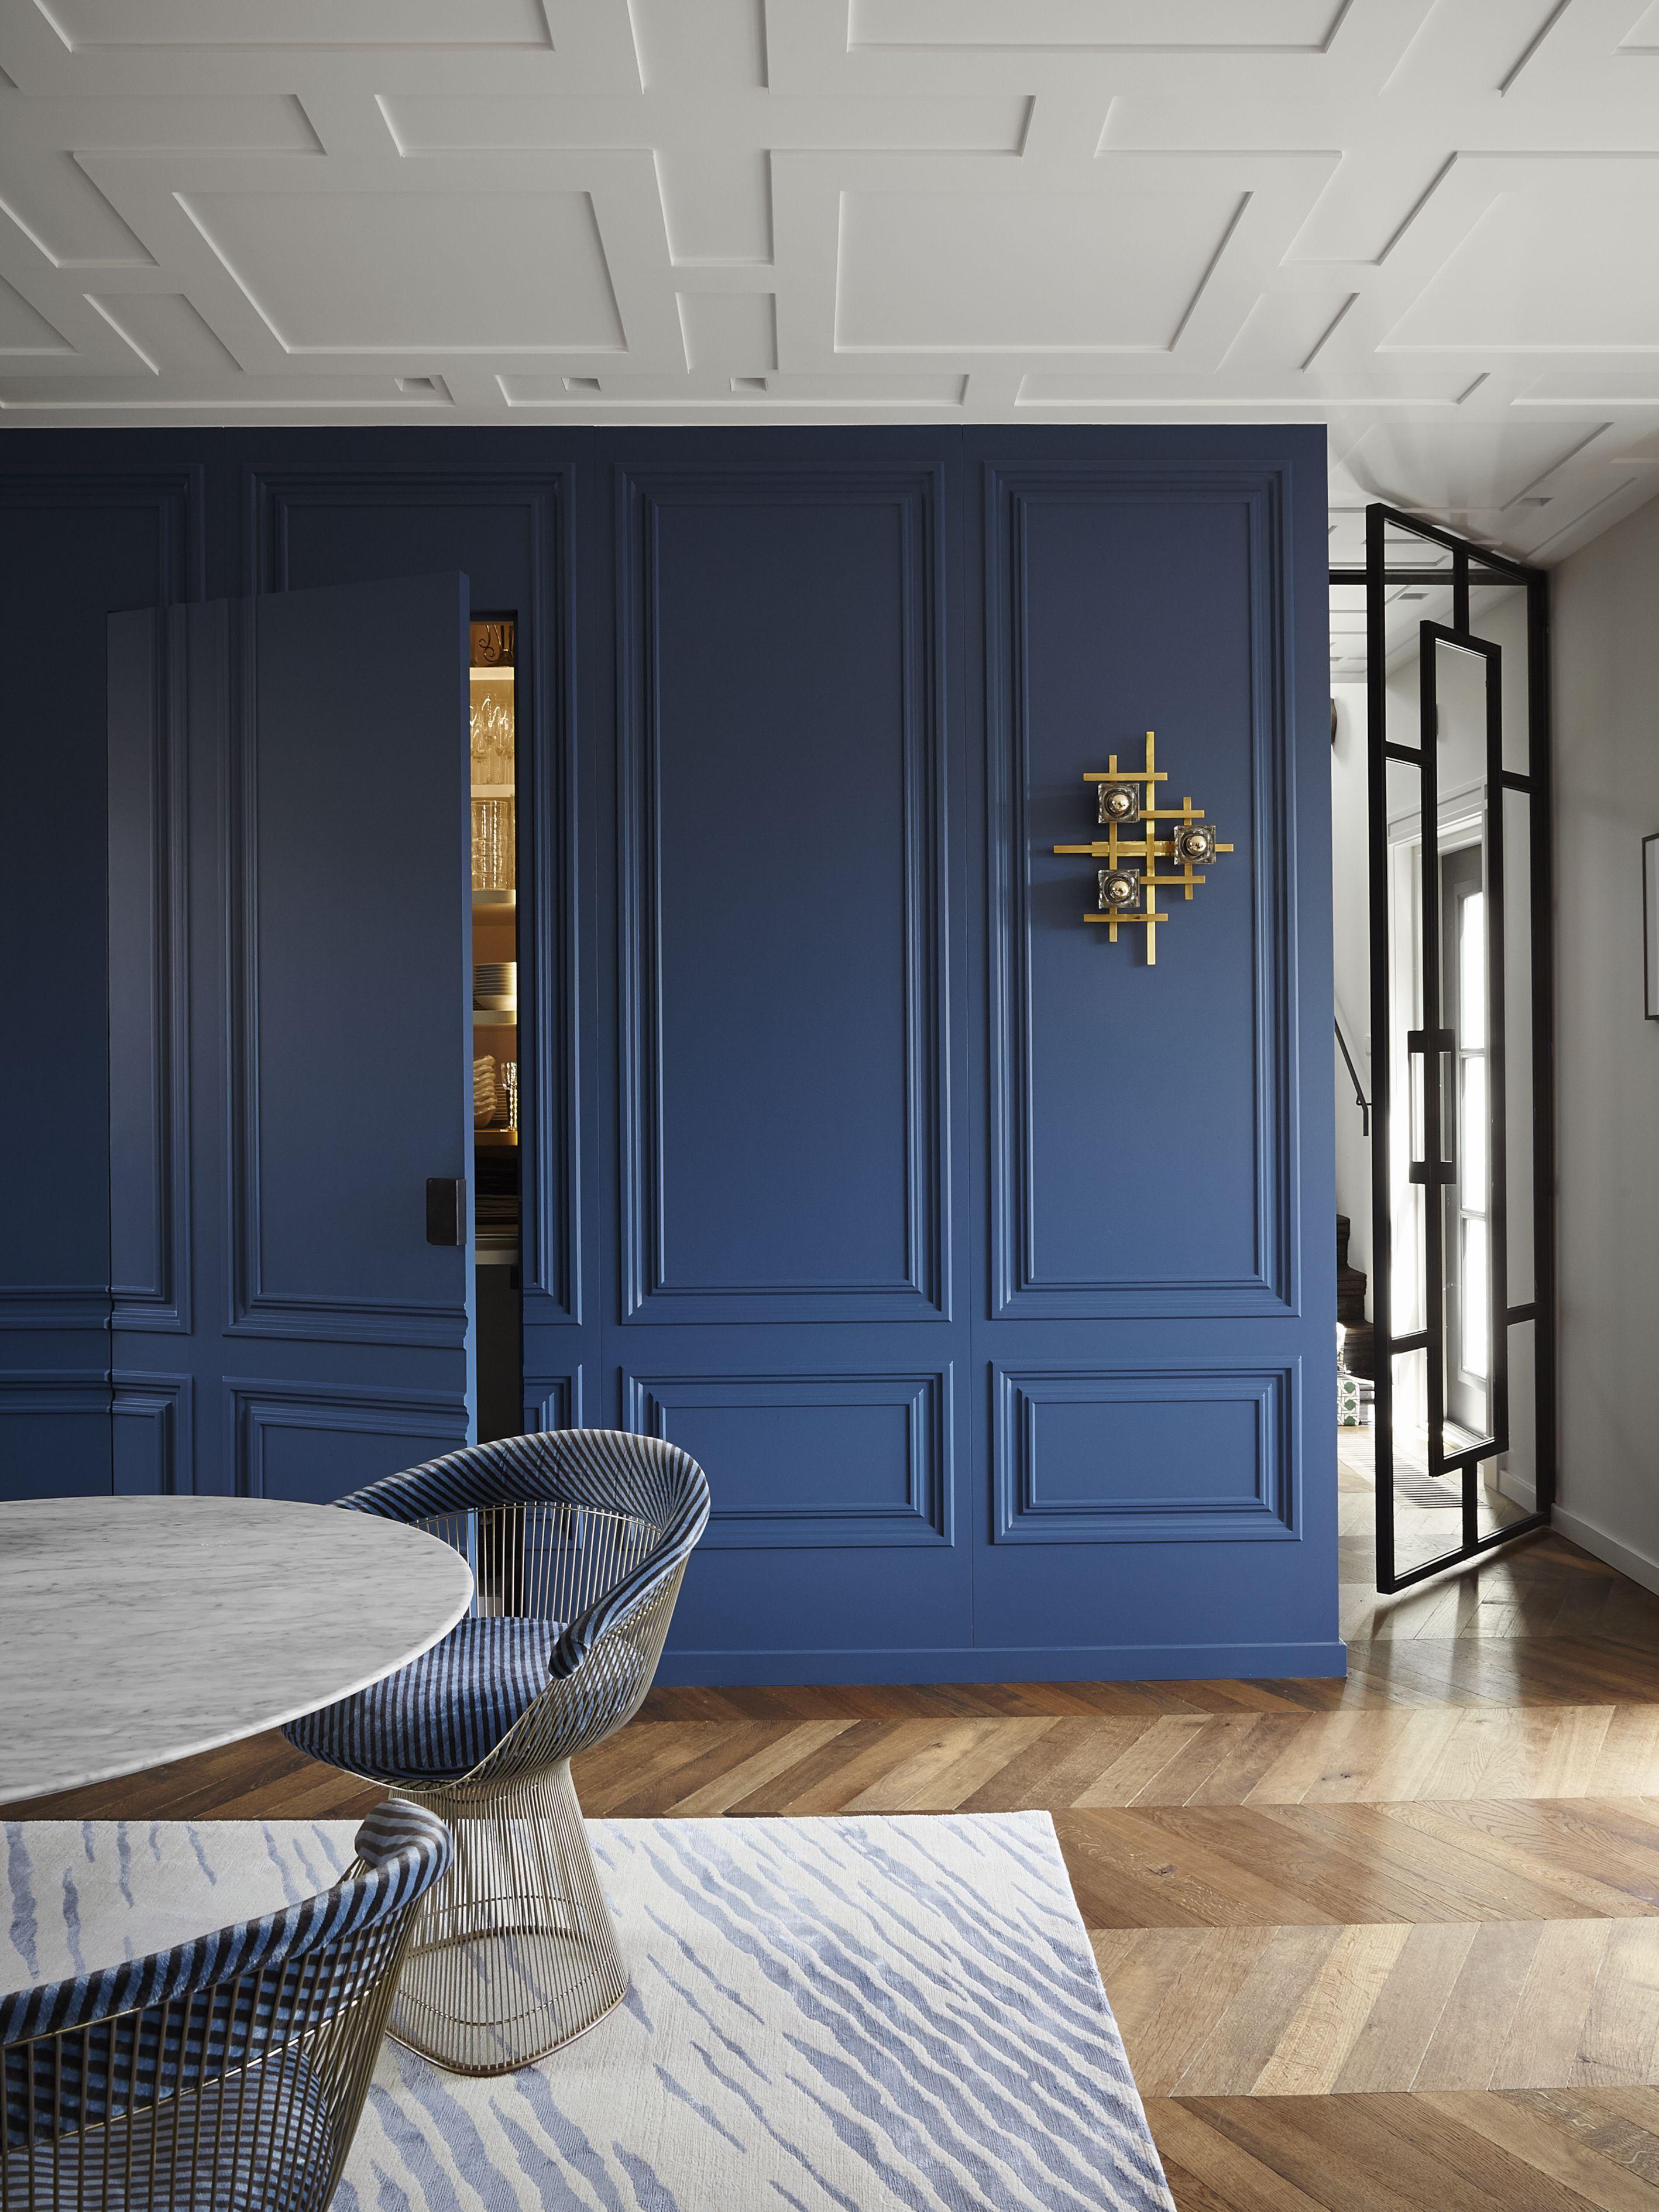 Beeindruckend Deckenverkleidung Wohnzimmer Sammlung Von Ceiling Detail And Color